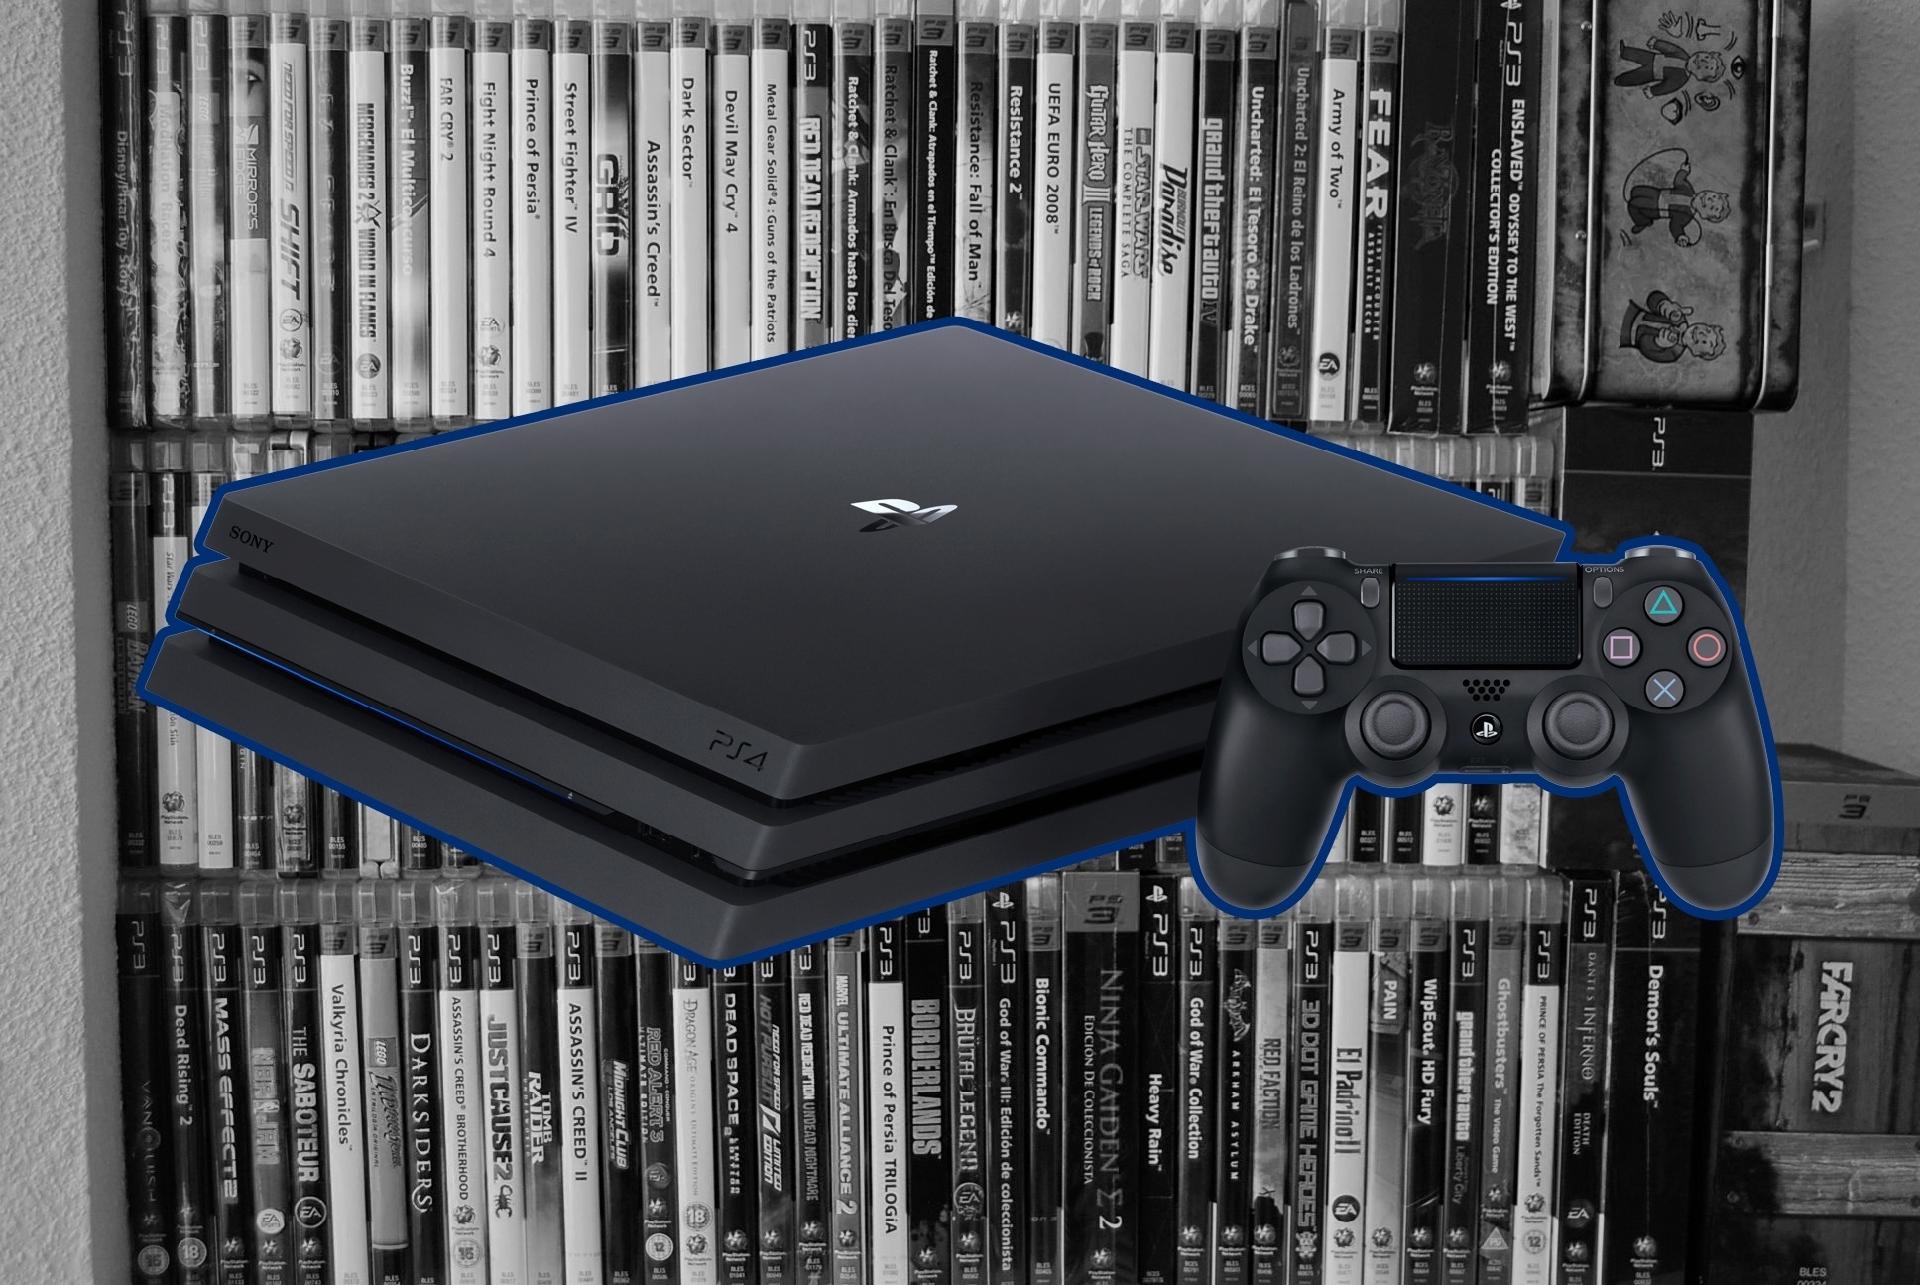 ae0869fab7c Por que o PlayStation 4 não roda jogos de PS3  - 18 04 2017 - UOL  Entretenimento